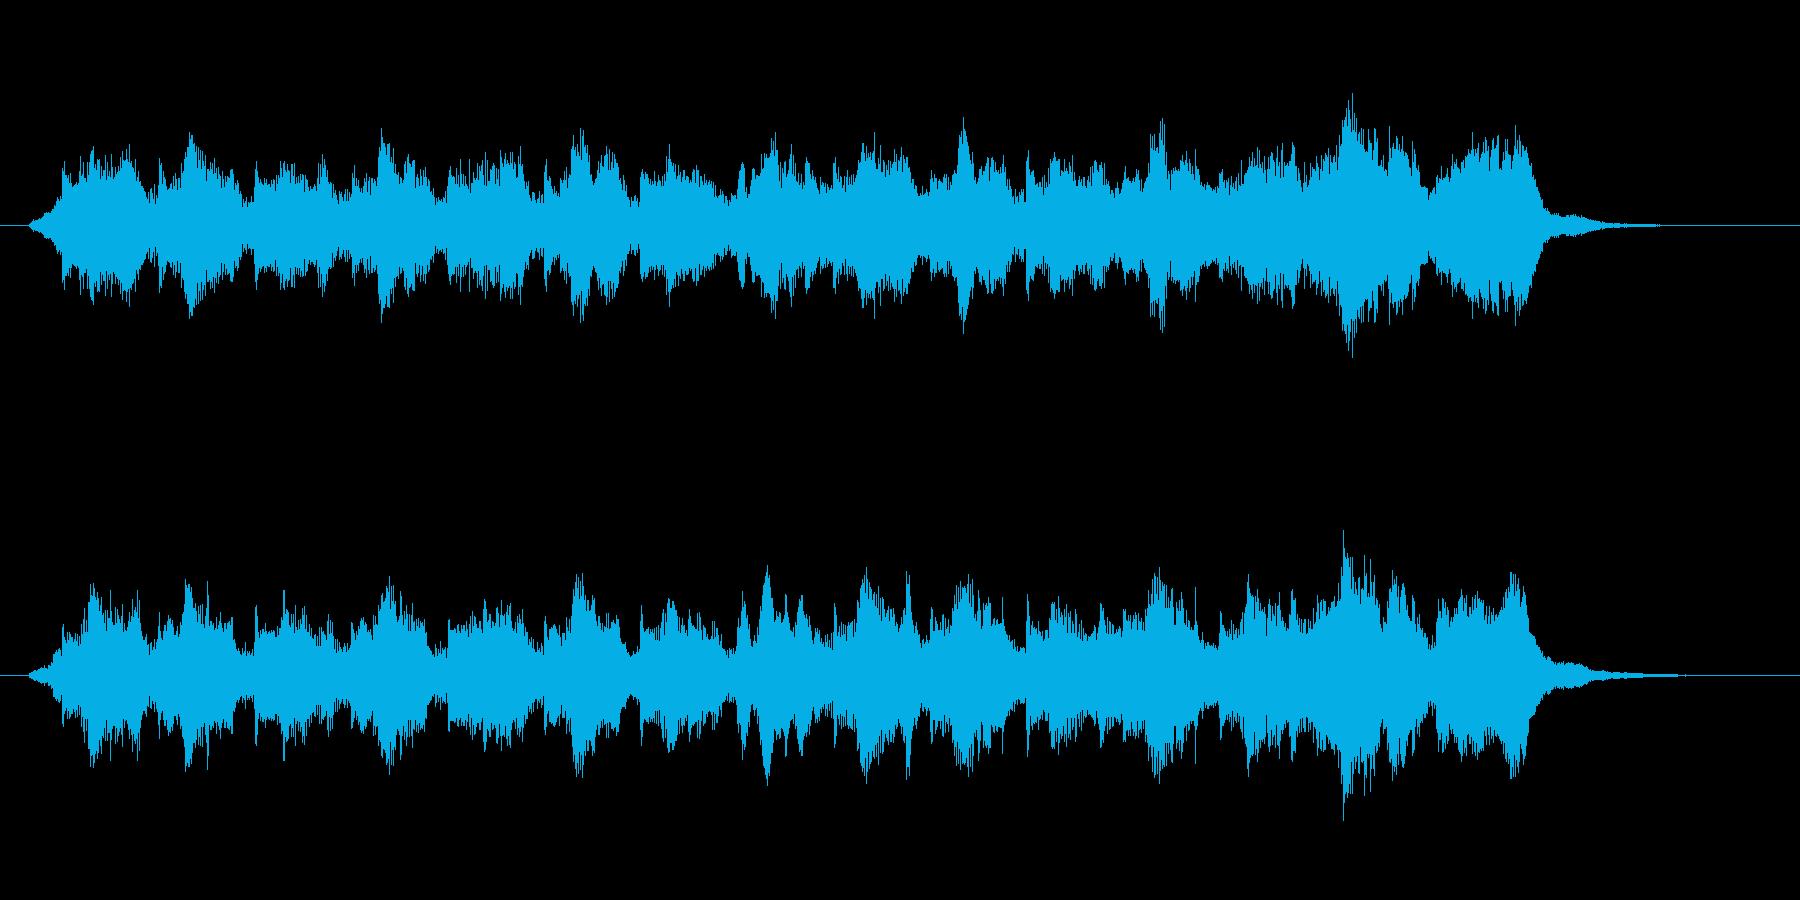 オーケストラのかわいい場面転換ジングルの再生済みの波形